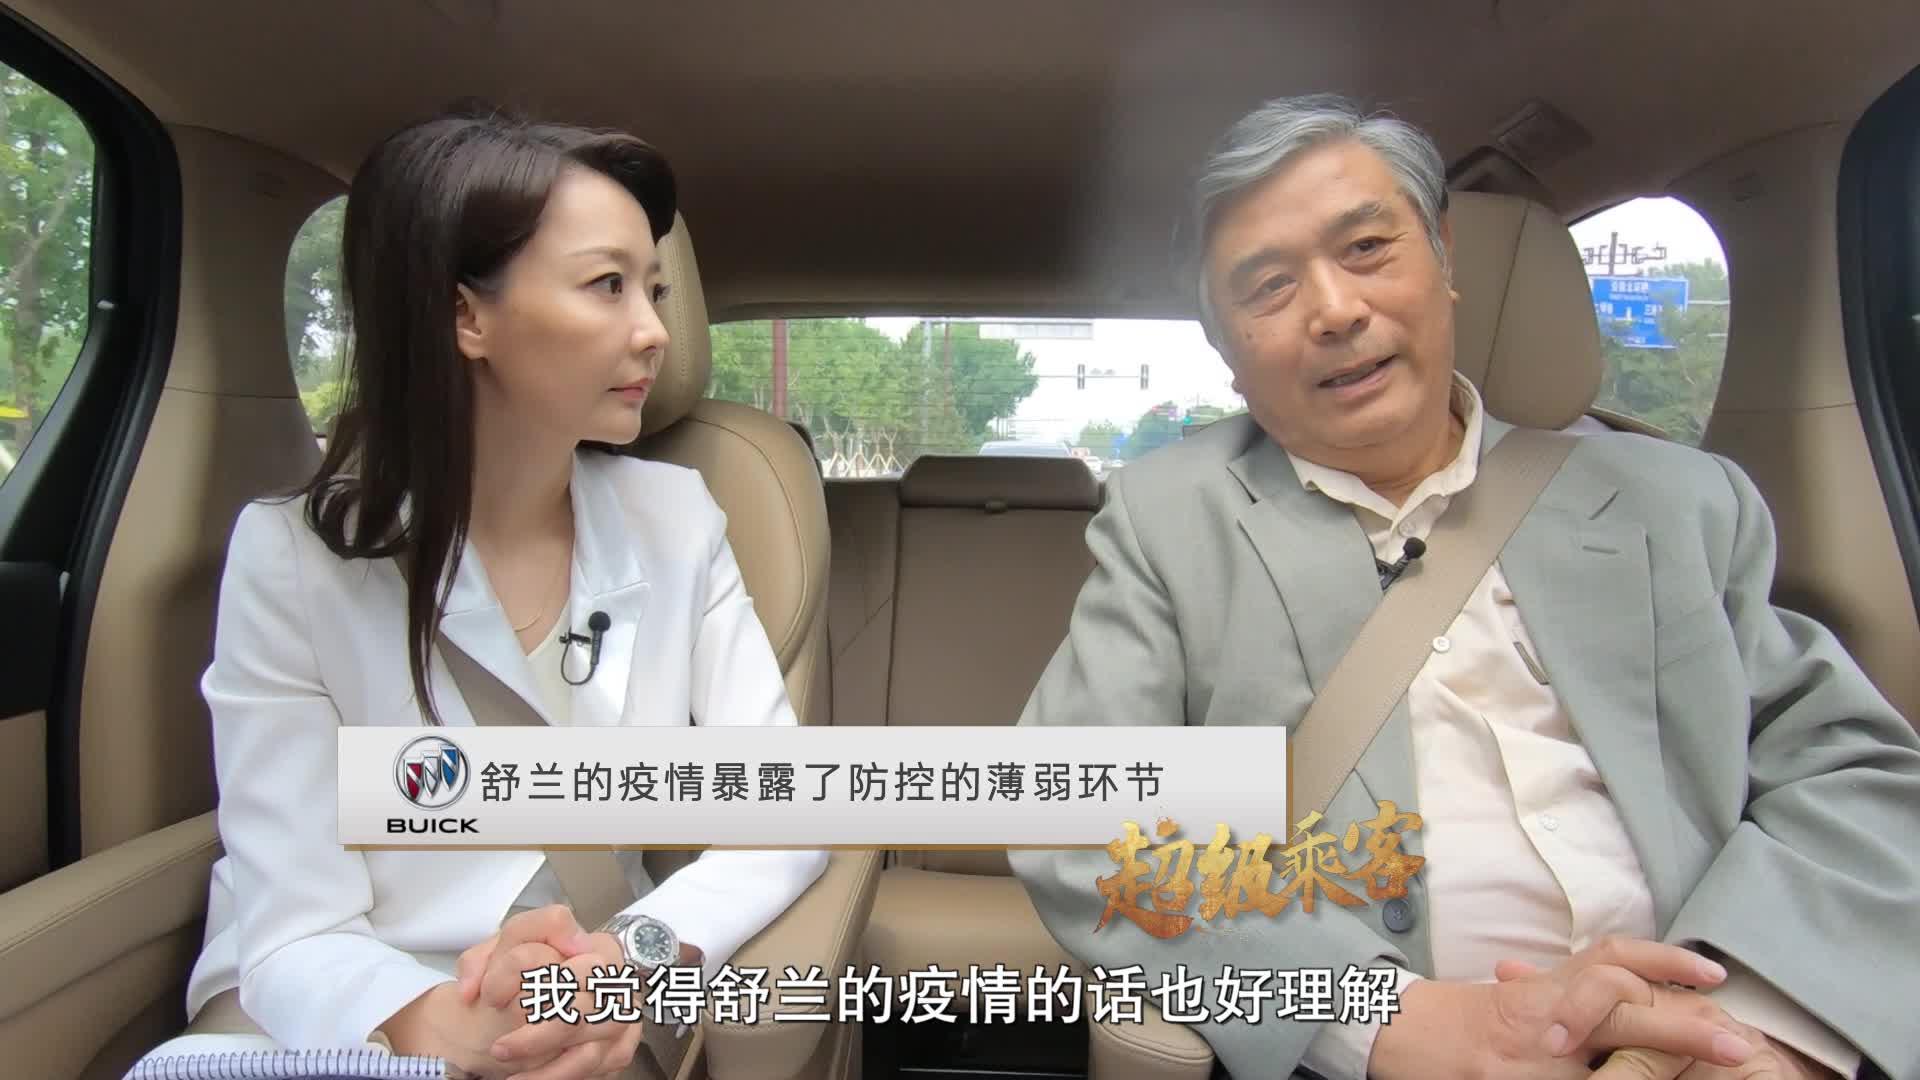 【精编】曾光:病毒溯源是科学探索 中国坦坦荡荡更应参与